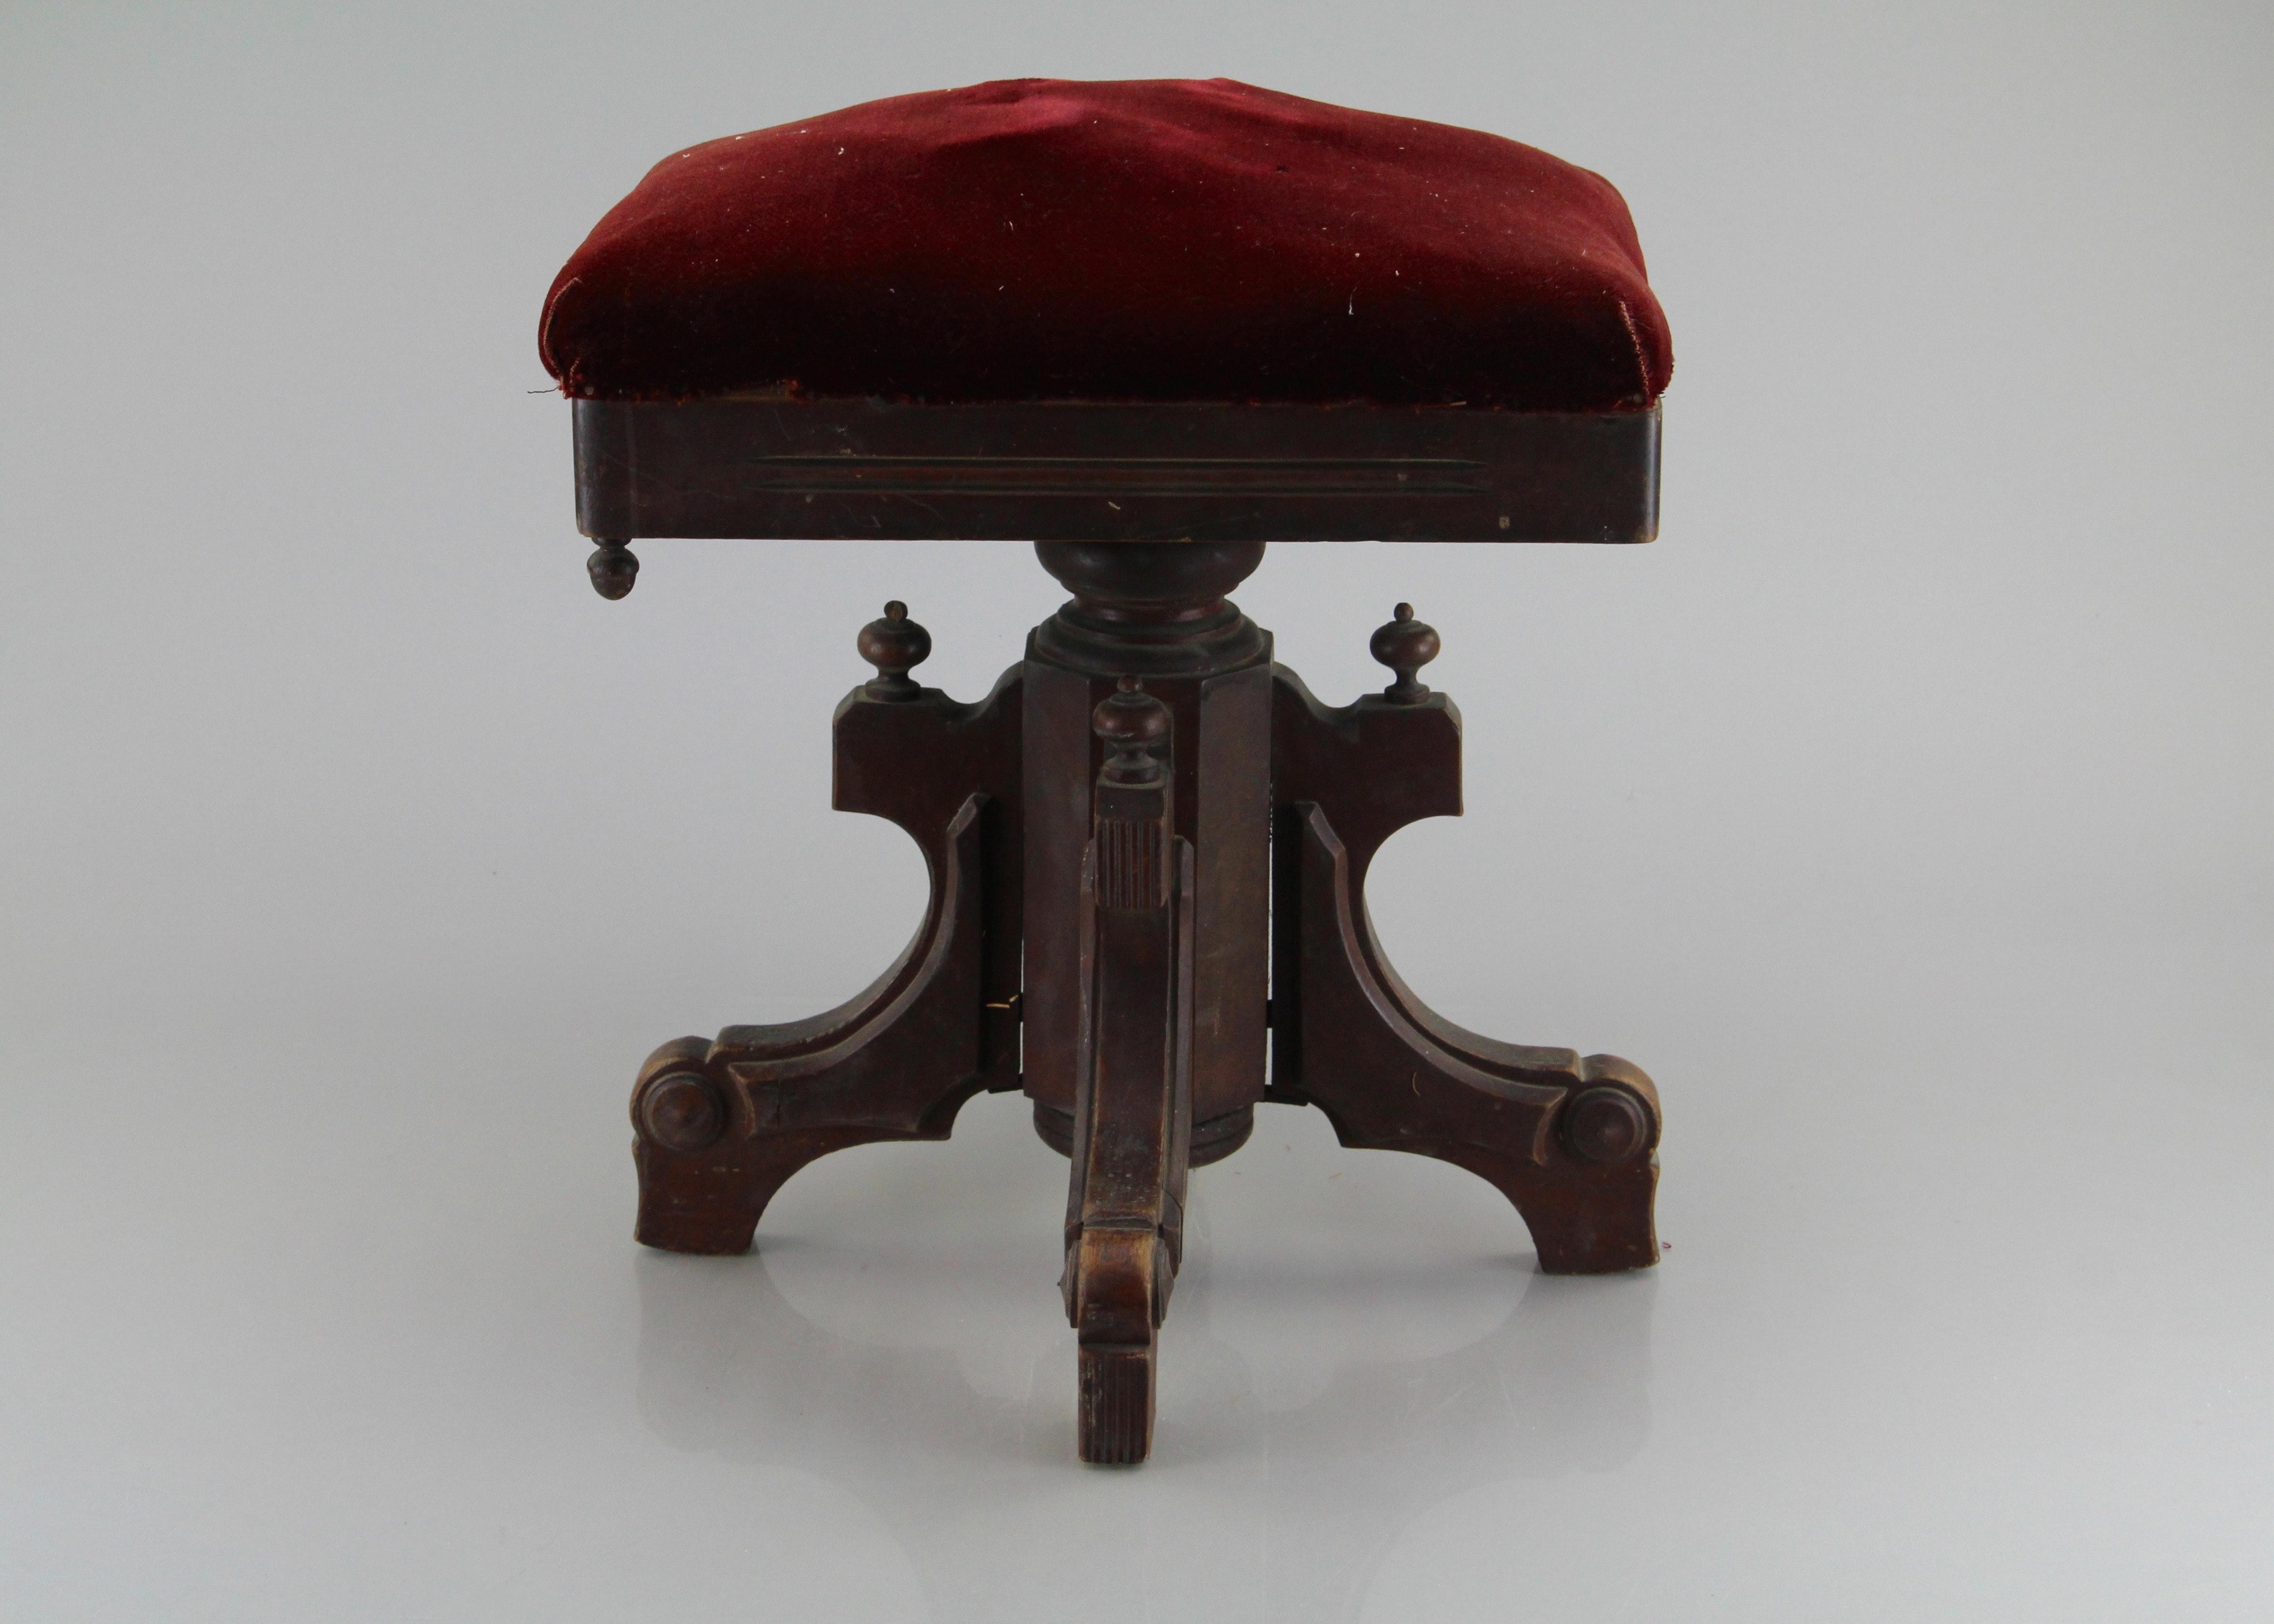 Antique Tonk Piano Stool ... & Antique Tonk Piano Stool : EBTH islam-shia.org